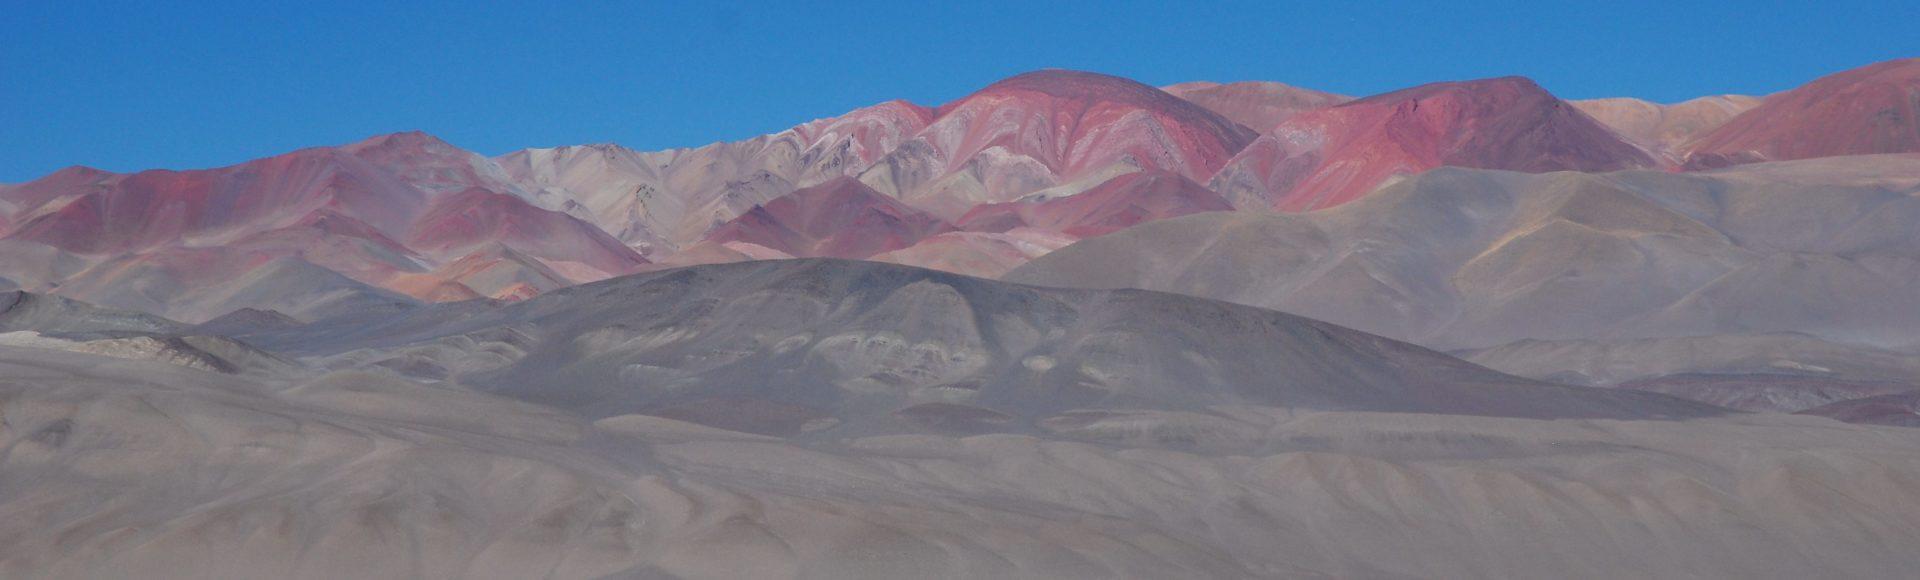 Zaklinając andyjski wiatr – Cerro Medusa 6120 m.n.p.m.